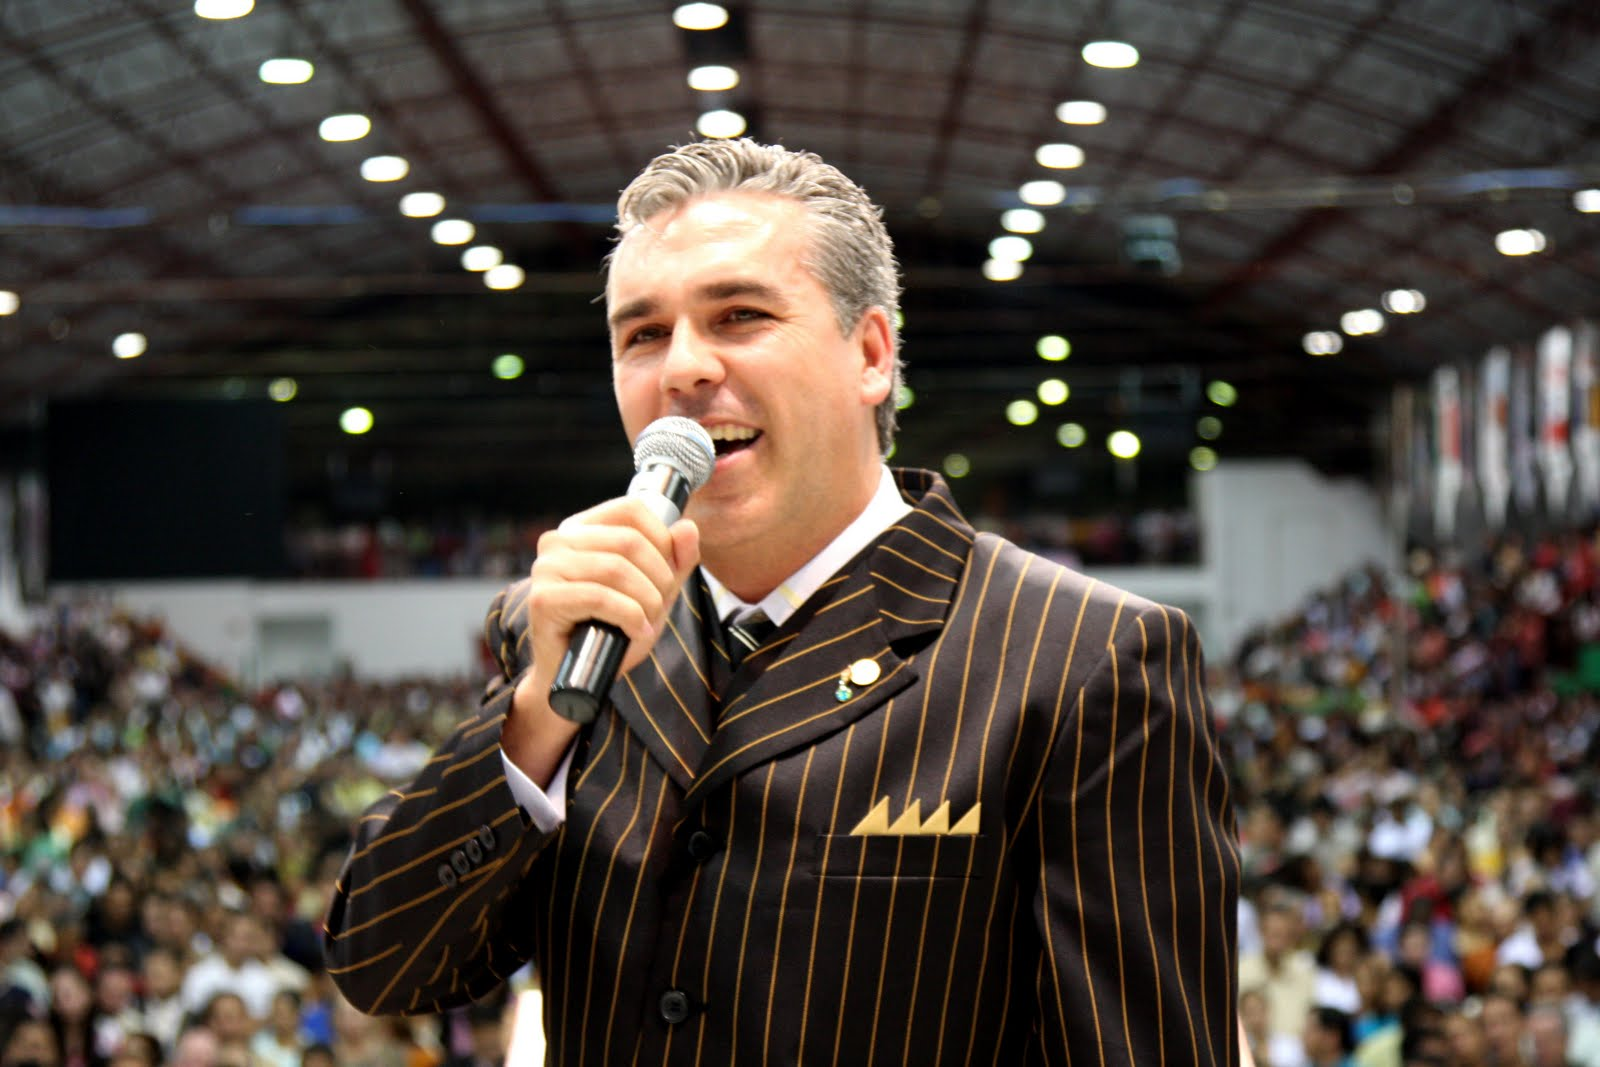 Gideoes 2013. Pastor: Wanderley Carceliano Tema: Não deixe a sua rede  #424B5F 1600x1067